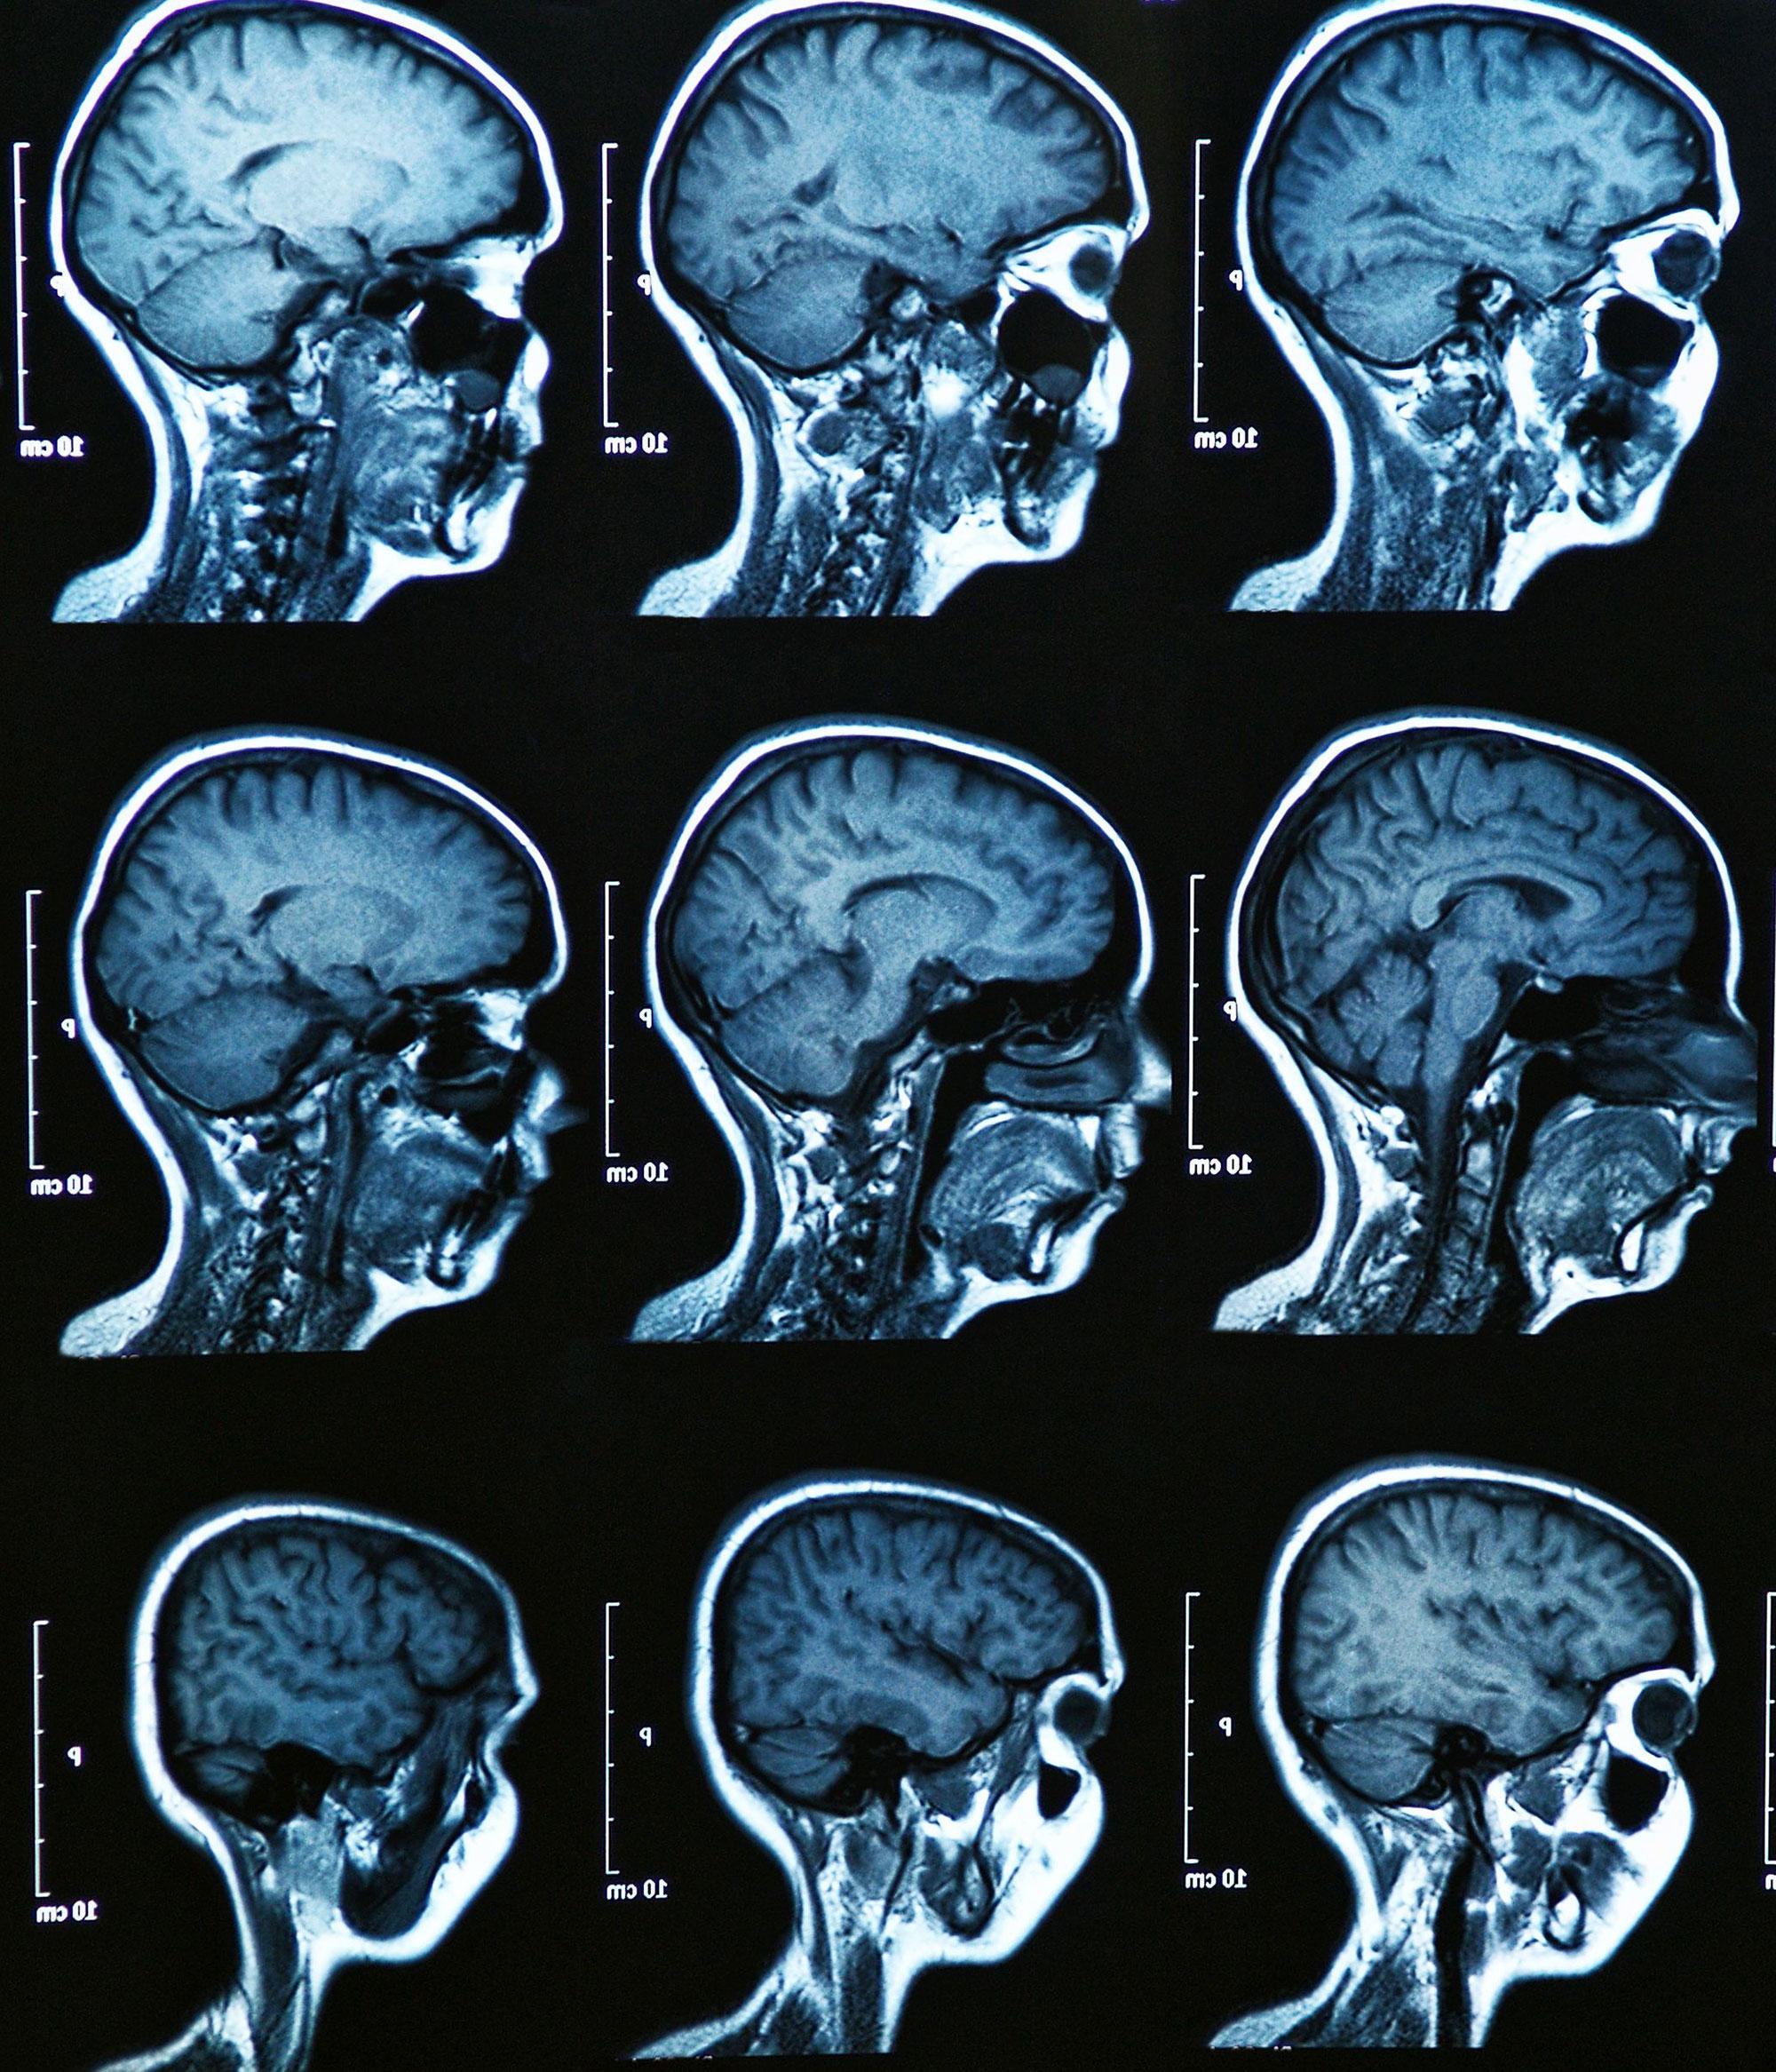 MRI Scan eines menschlichen Gehirns.